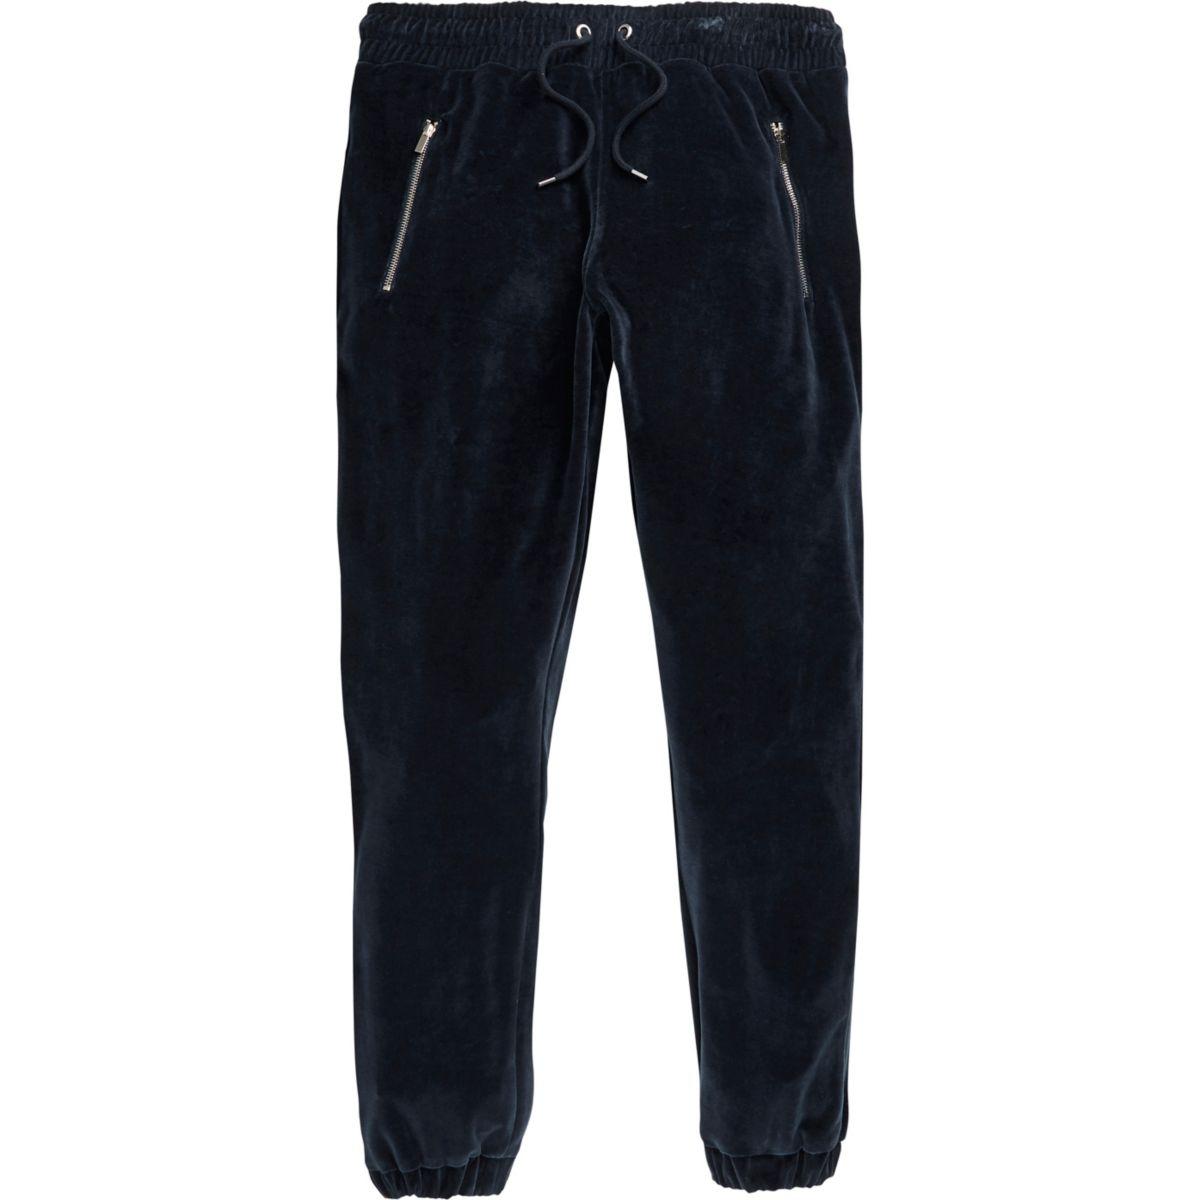 pantalon de jogging en velours bleu marine cadeaux promo homme. Black Bedroom Furniture Sets. Home Design Ideas